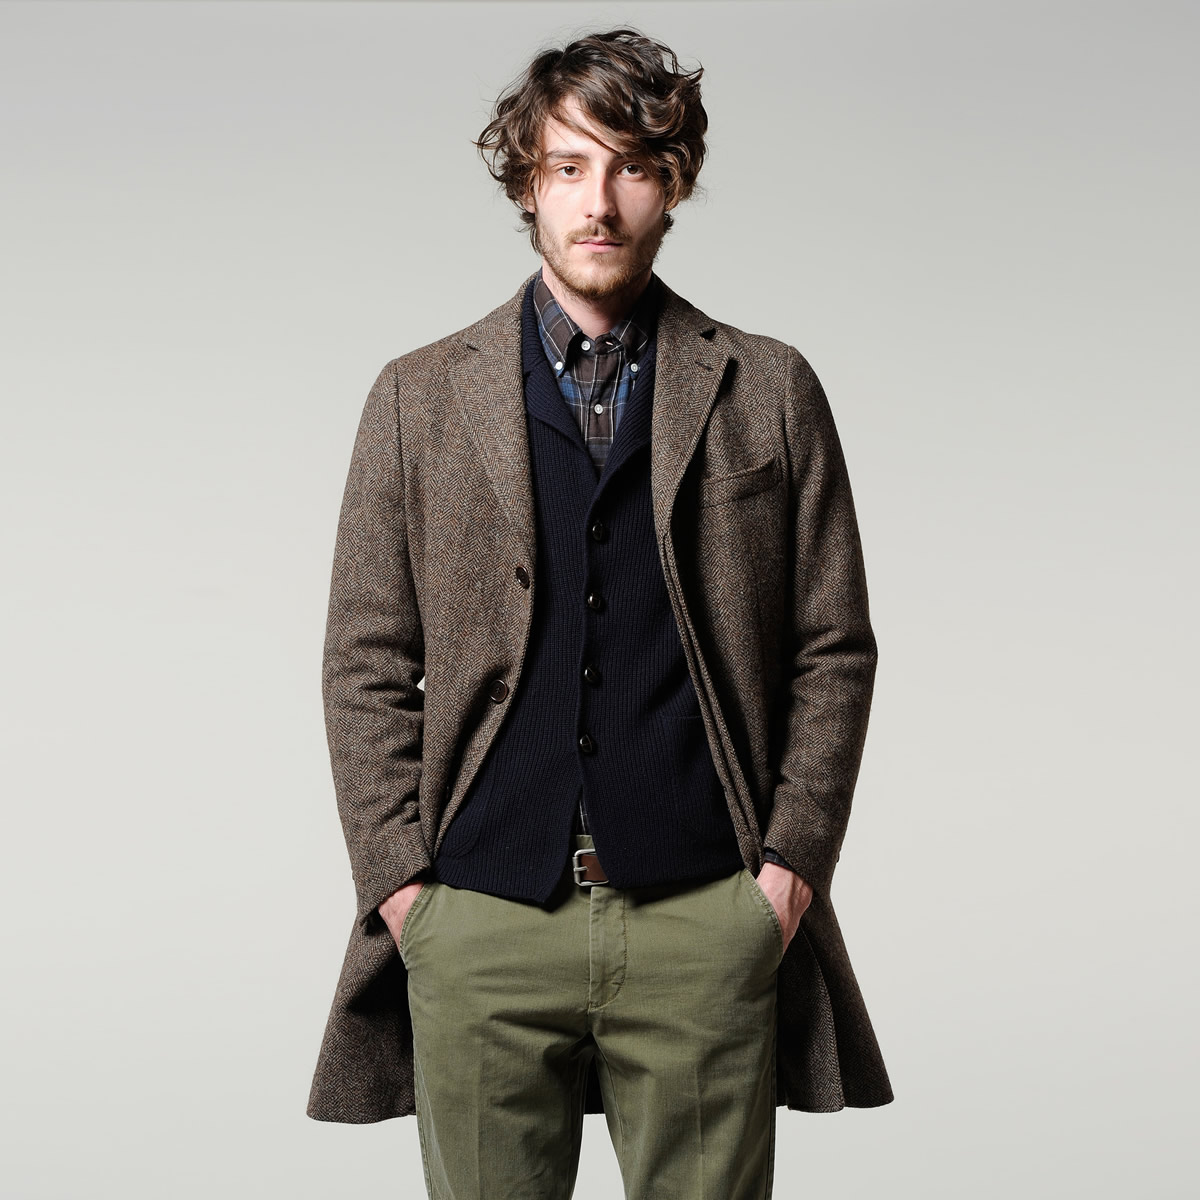 Wholesale bulk fashion clothing 33